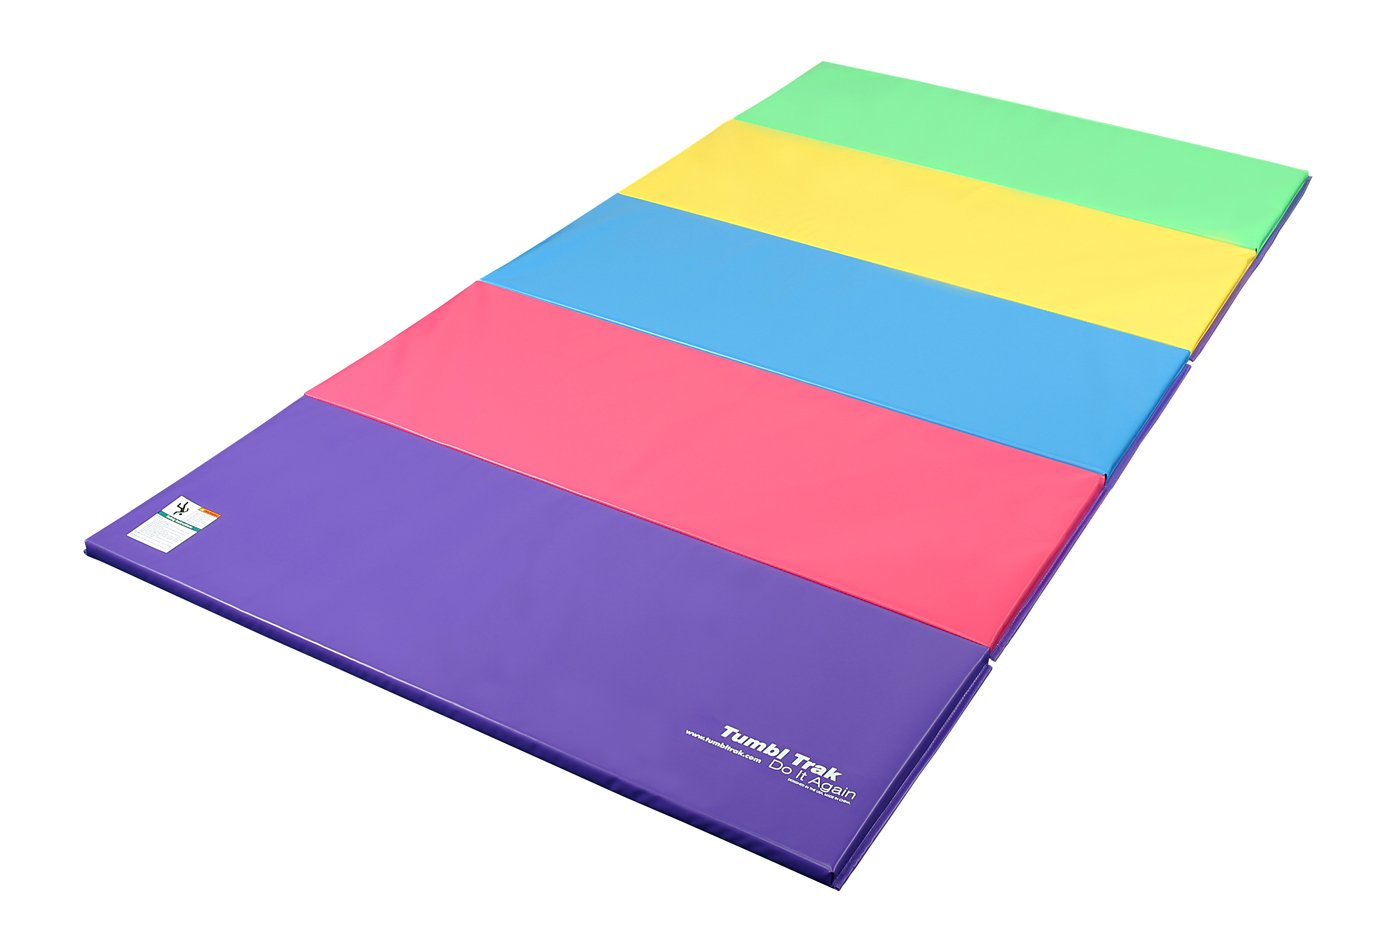 Tumbl Trak Folding Gymnastics Mat, Bright Pastel, 5 ft x 10 ft x 2 in